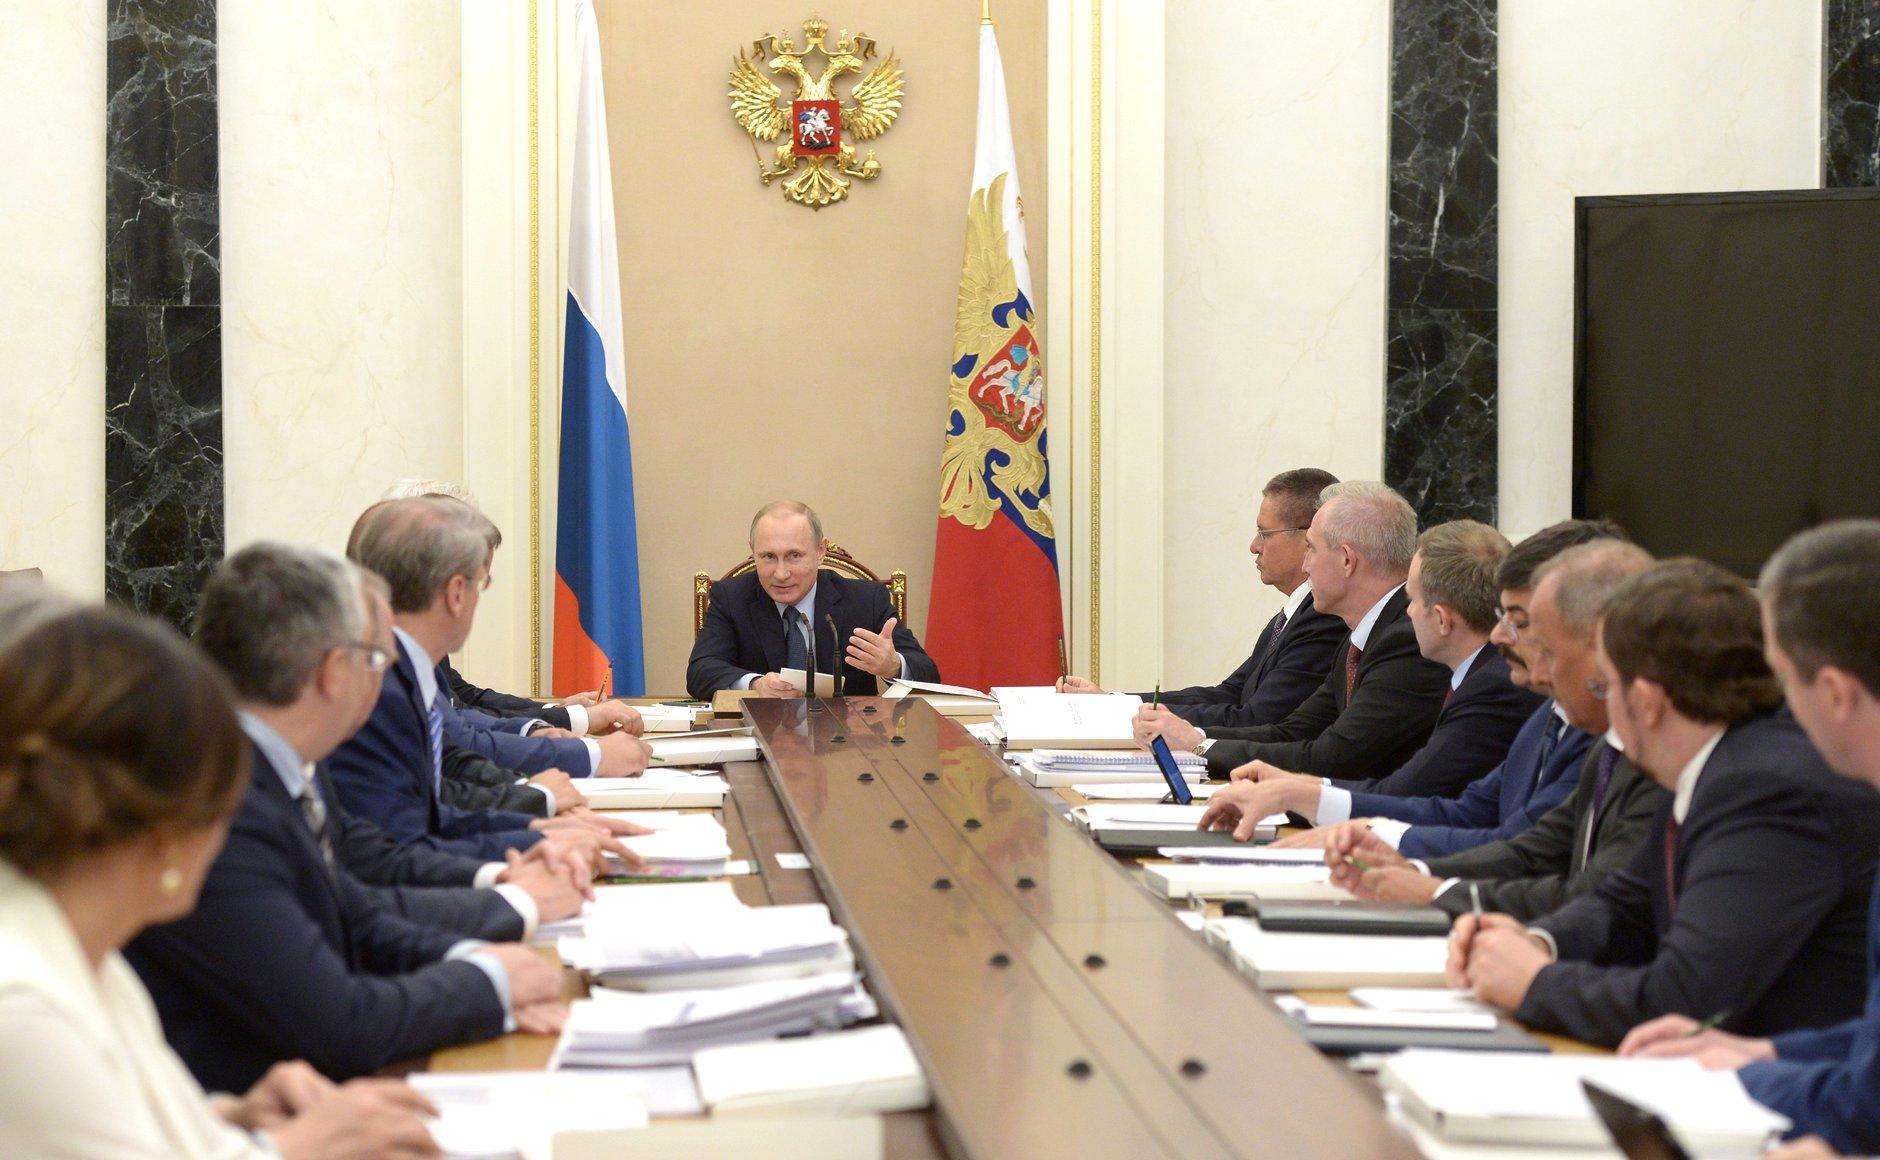 Сергей Морозов принял участие в заседании наблюдательного совета Агентства стратегических инициатив